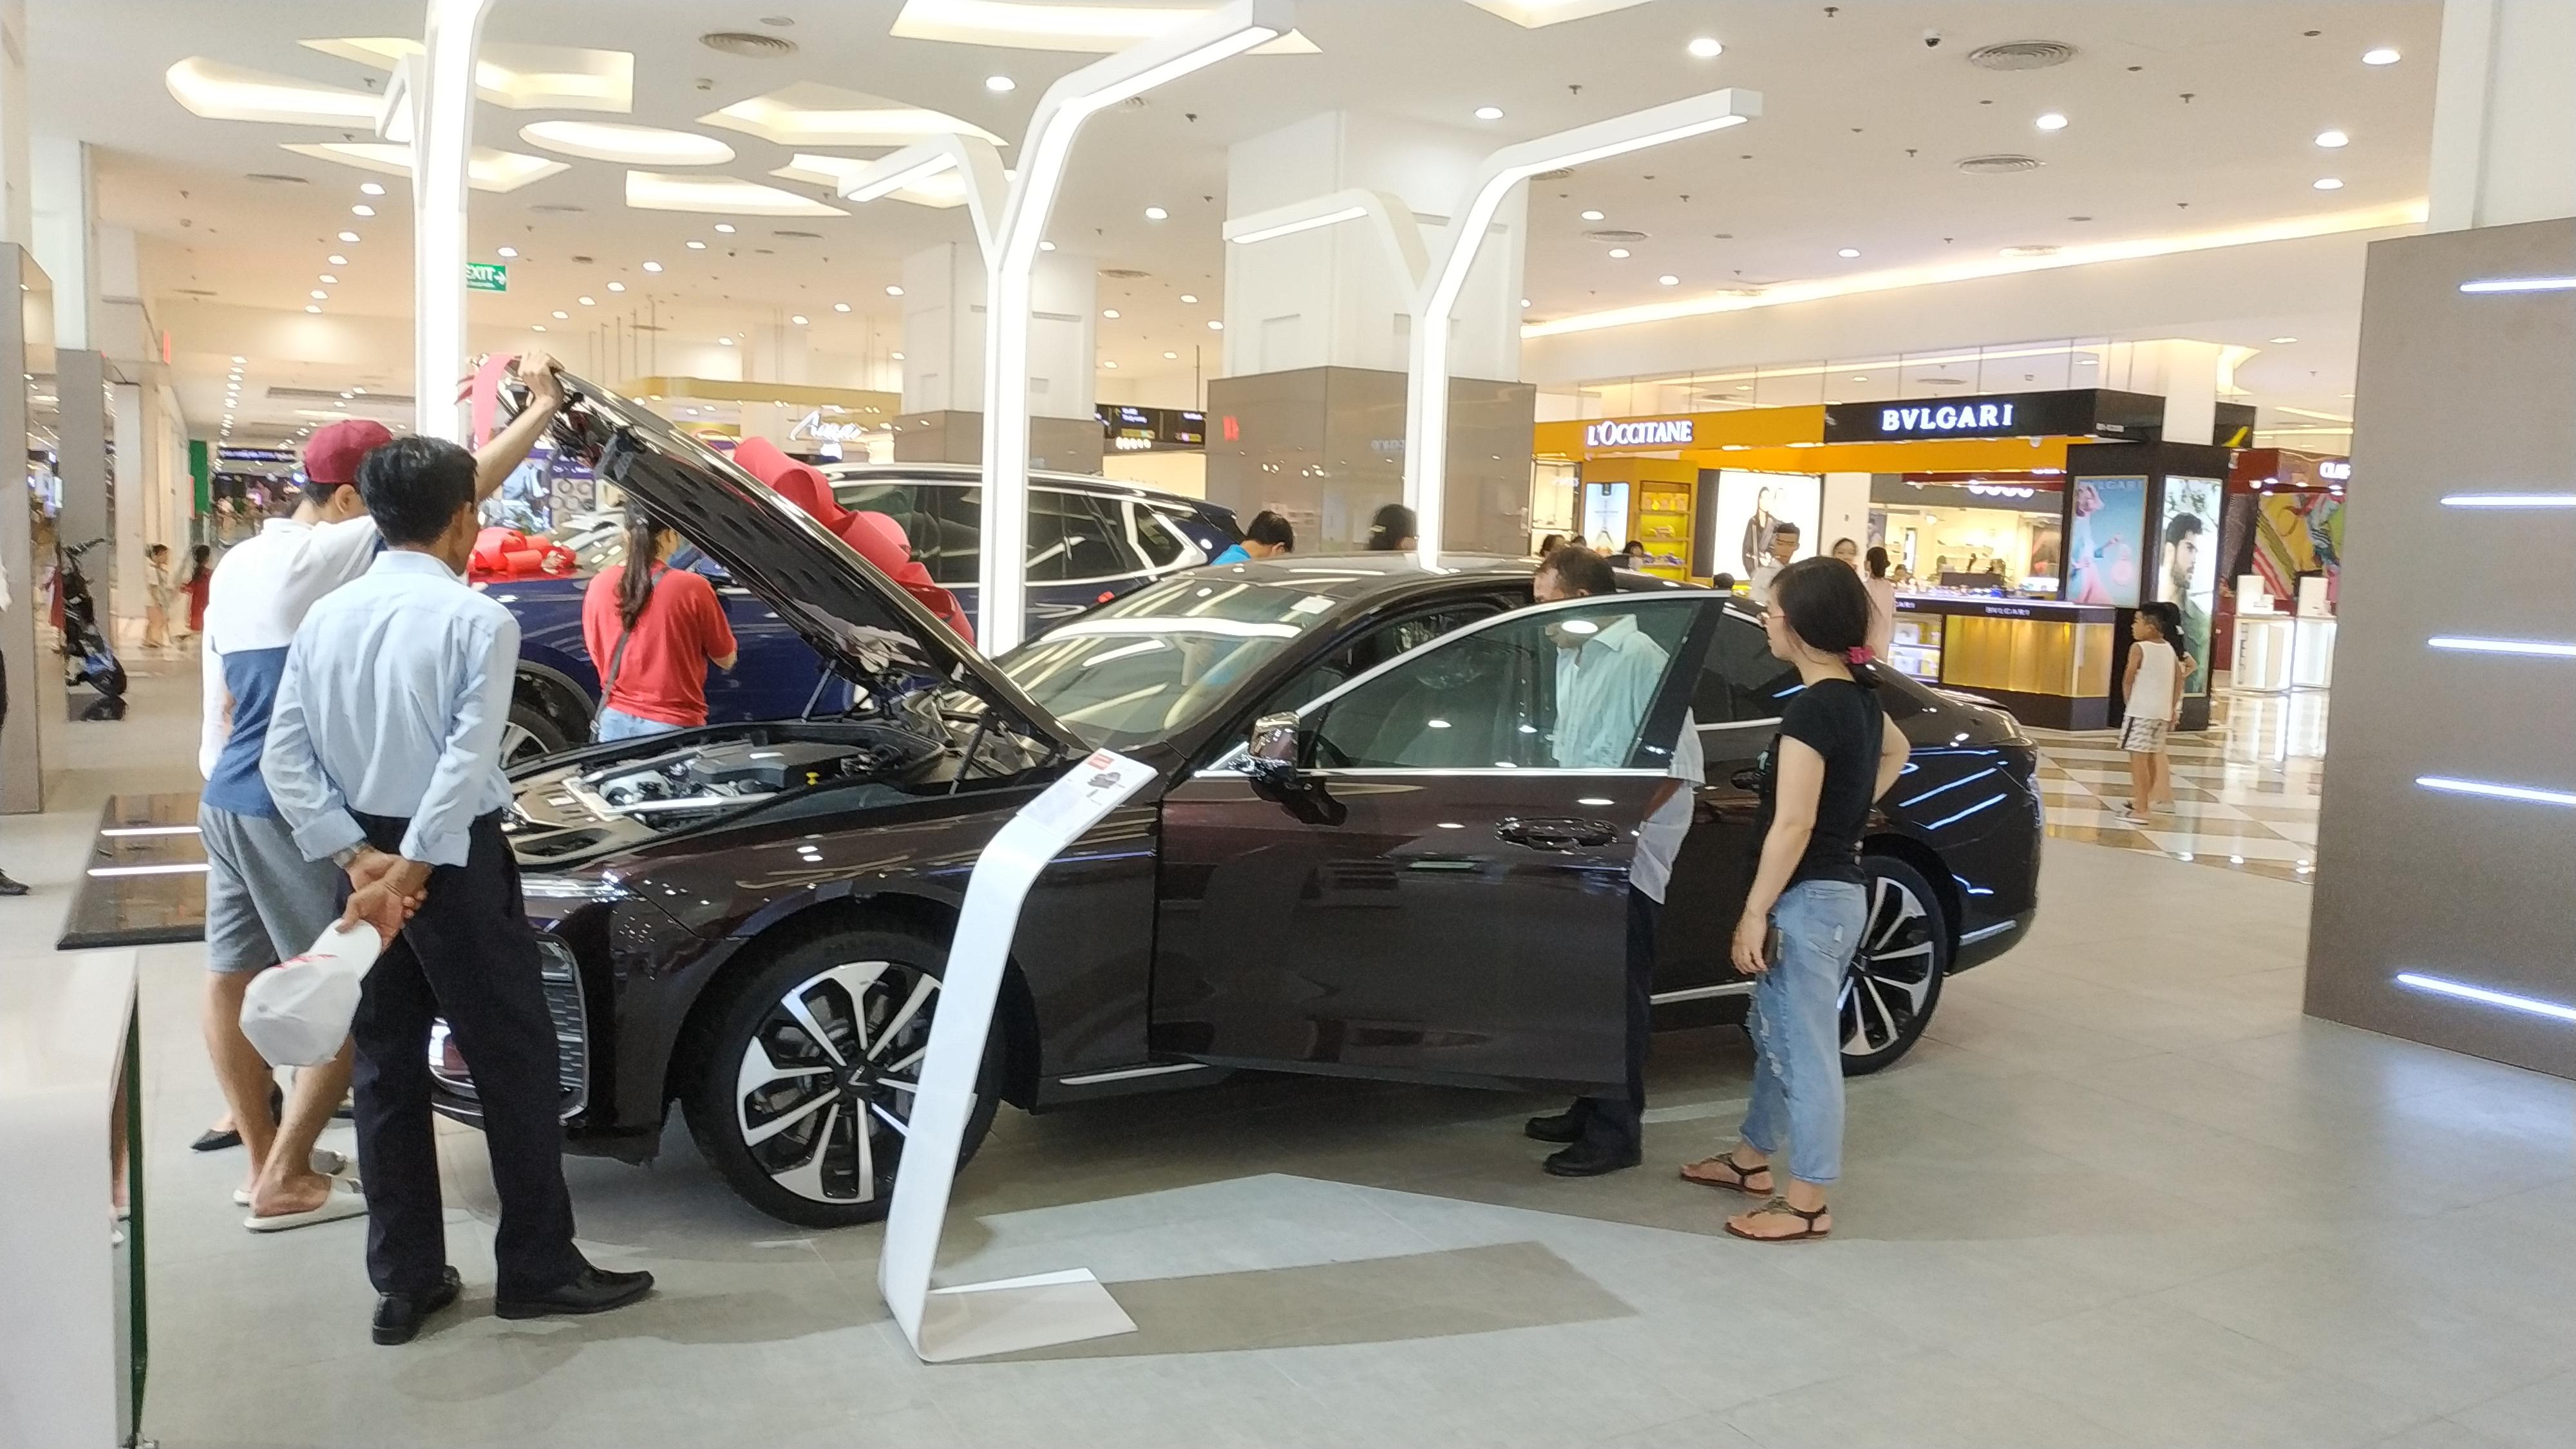 Doanh số bán xe VinFast sụt giảm trong tháng 'cô hồn' - Ảnh 1.